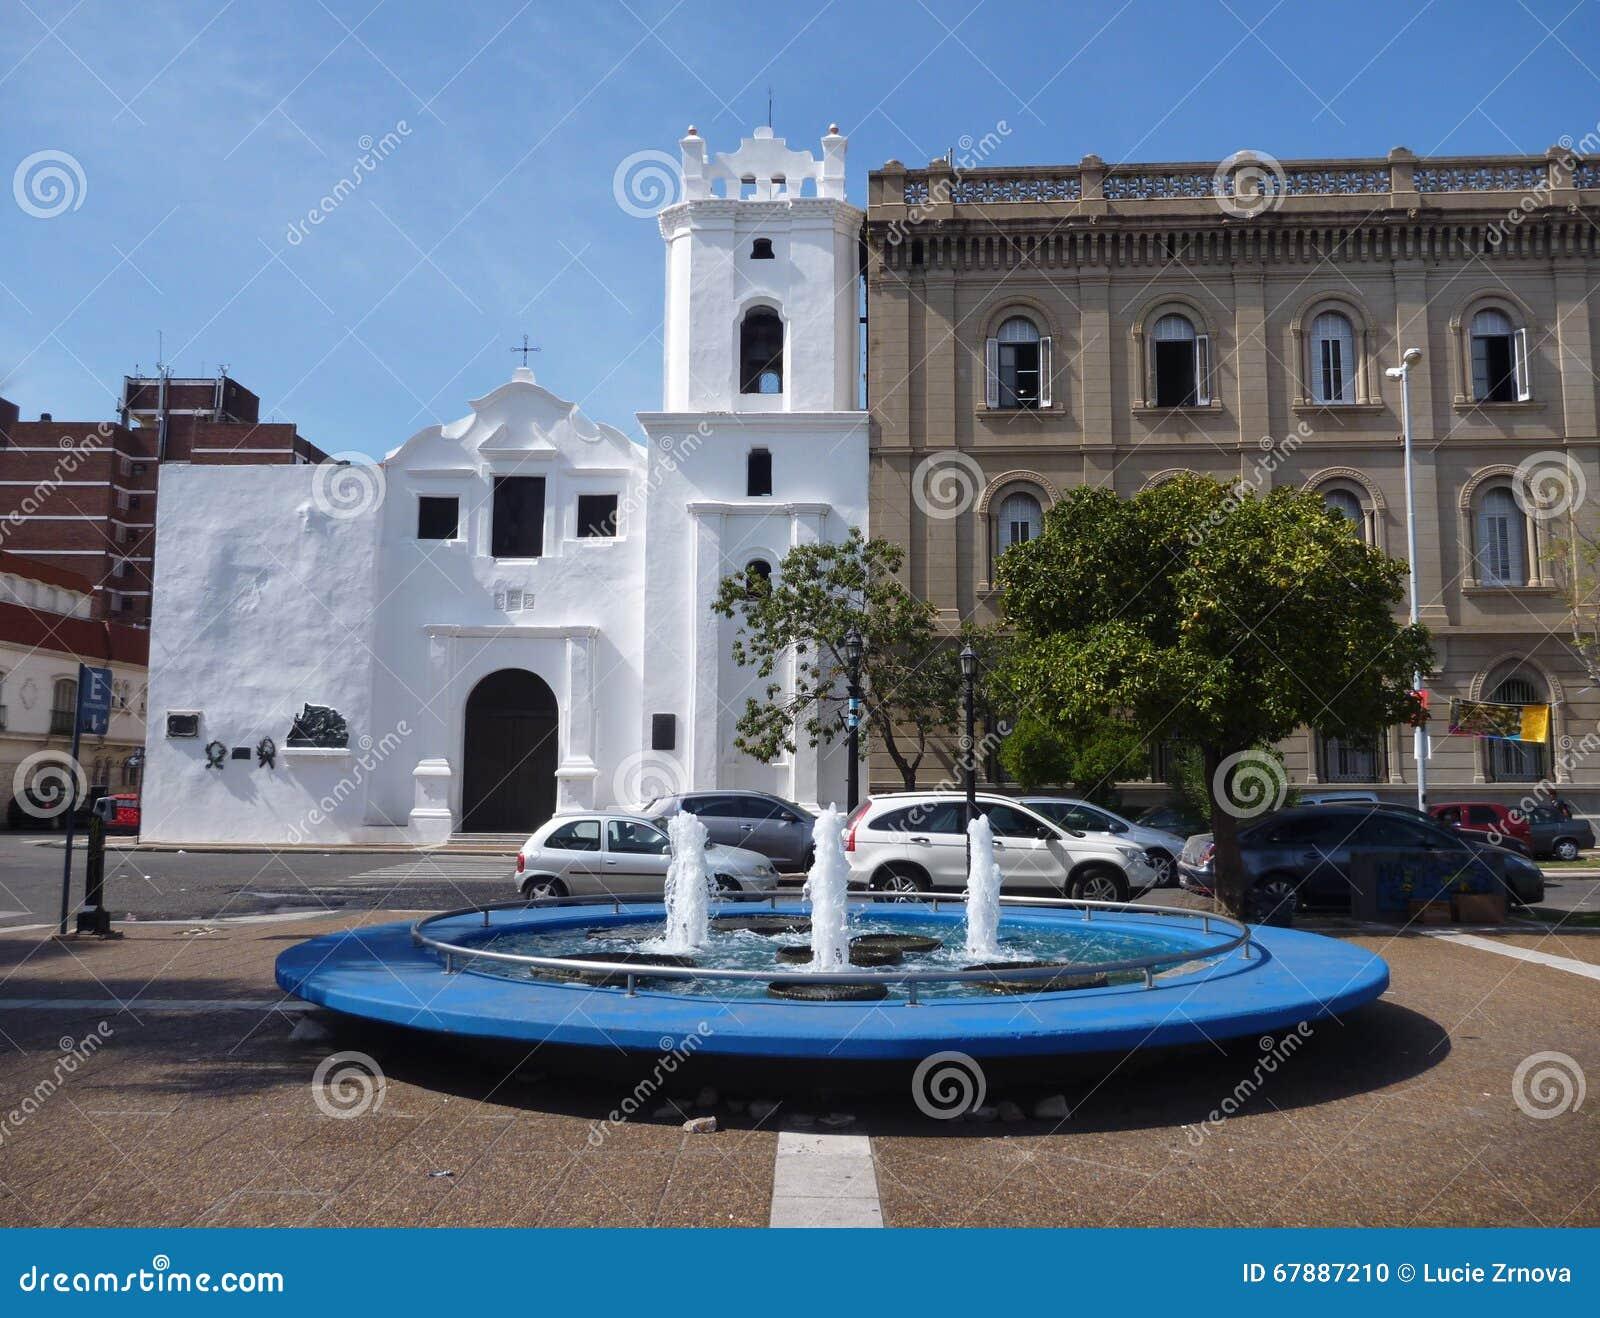 Голубой круглый фонтан перед белой церковью